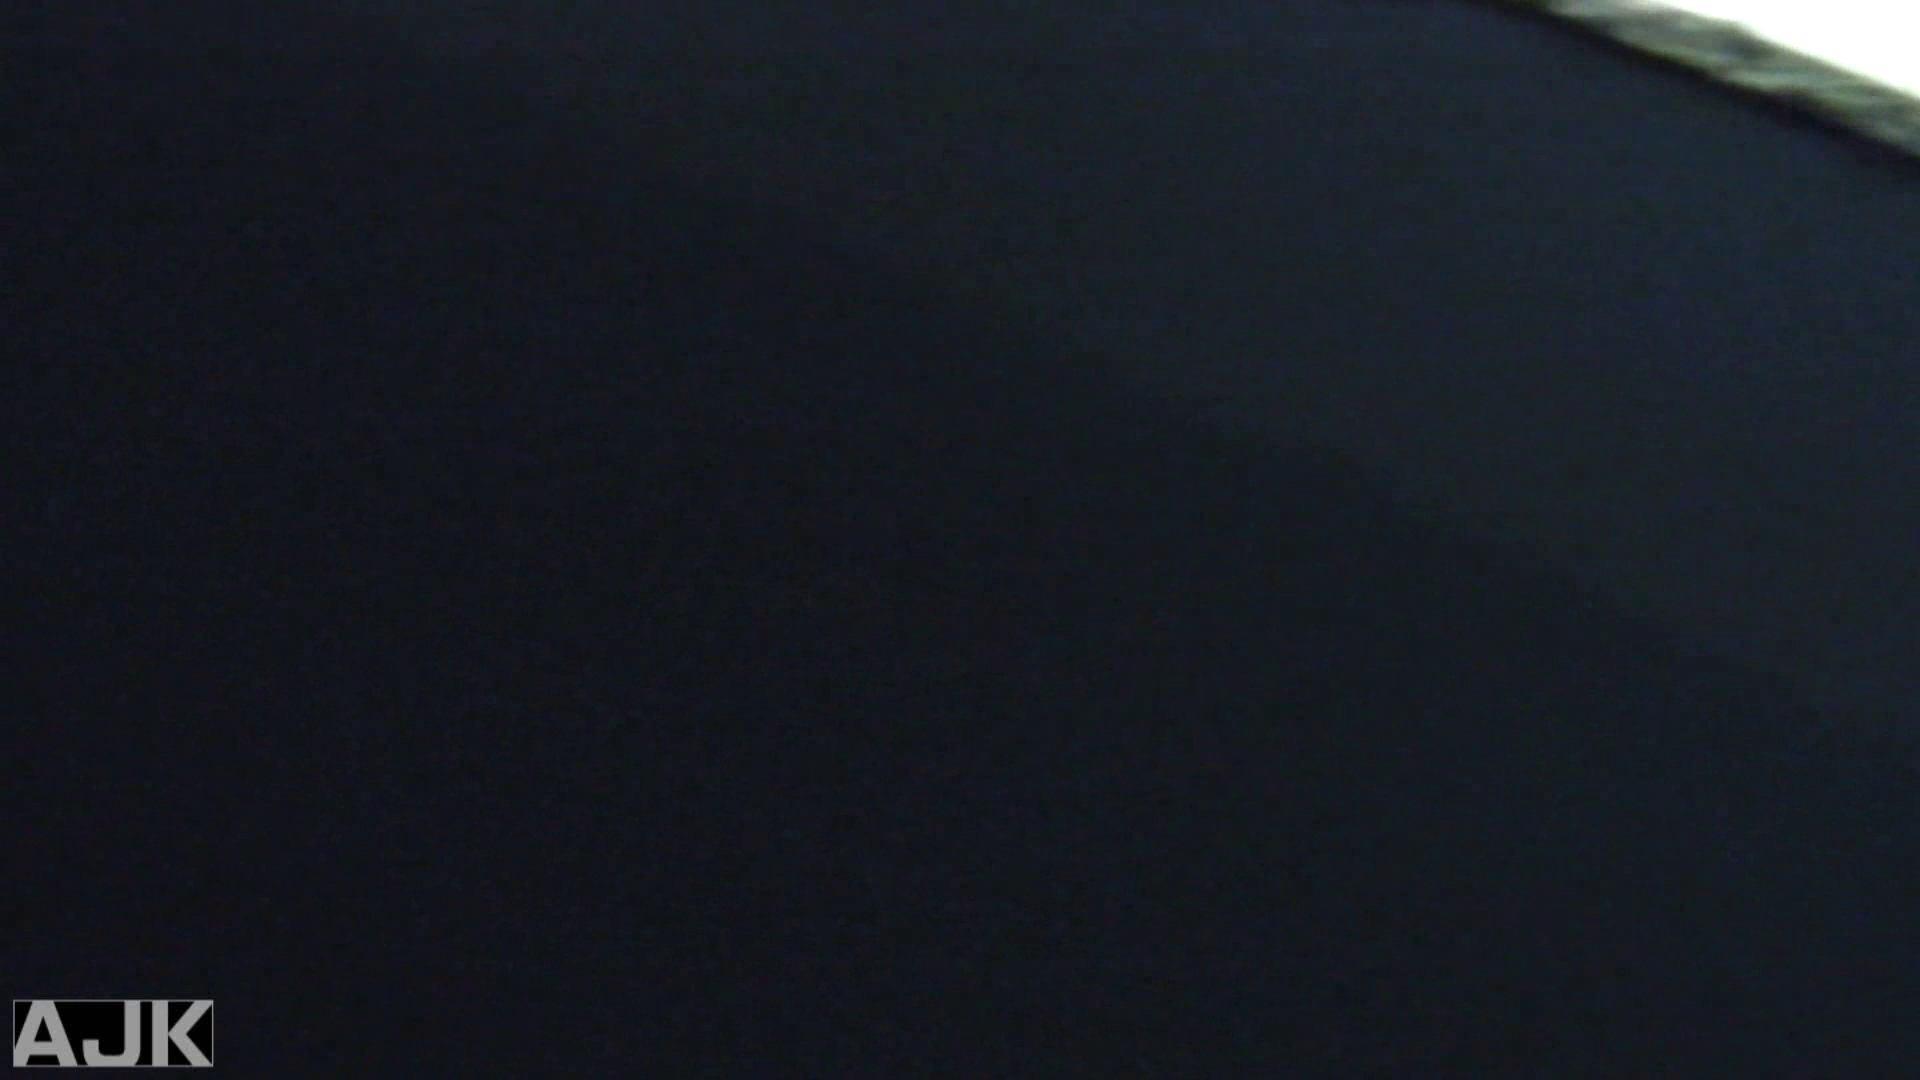 神降臨!史上最強の潜入かわや! vol.12 たまらん肛門 おまんこ無修正動画無料 84連発 23